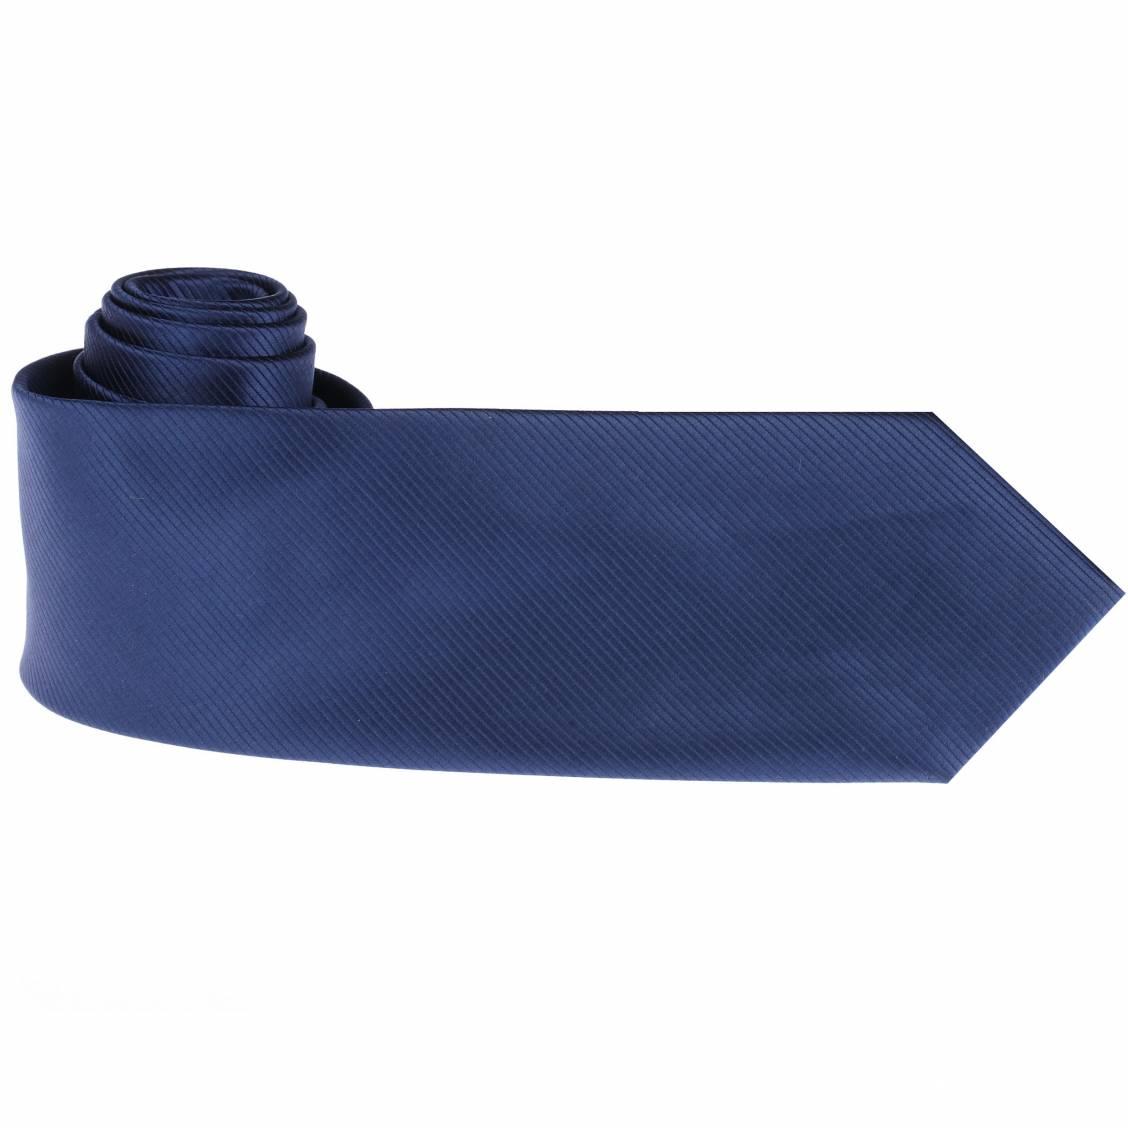 Cravate unie marine. Cravate marine soyeuse, 100% Made in... France ! Elégante et passe-partout, elle est indispensable à votre panoplie